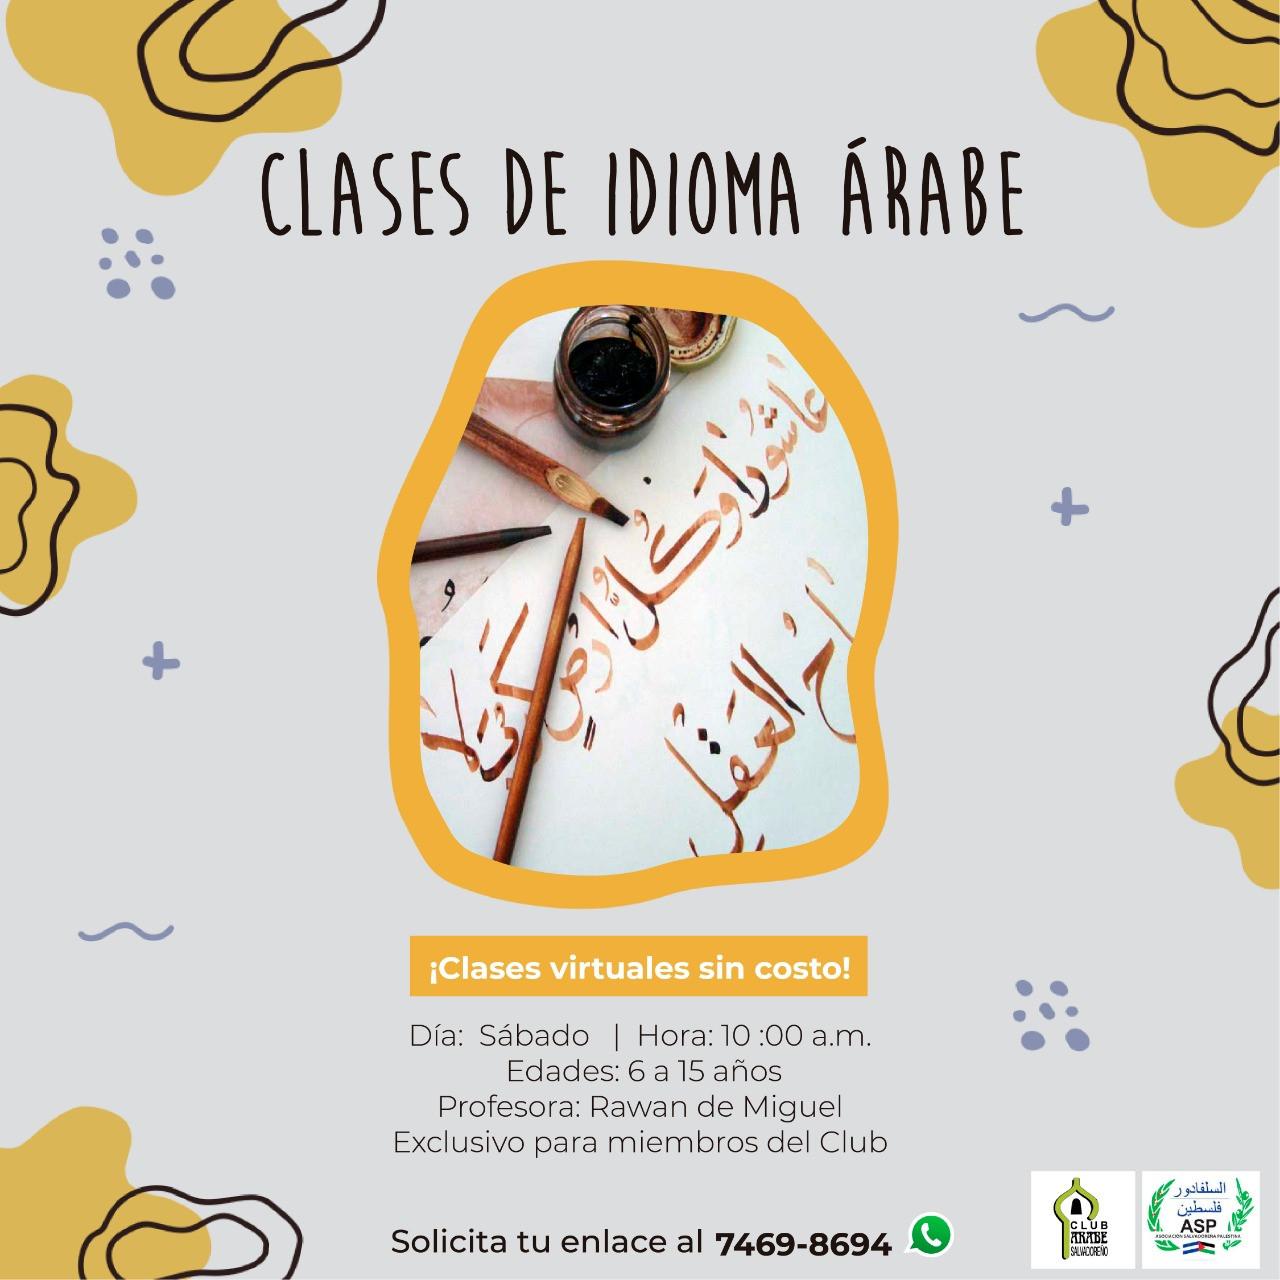 Clases de Idioma Árabe 6 a 15 años | Club Árabe Salvadoreño